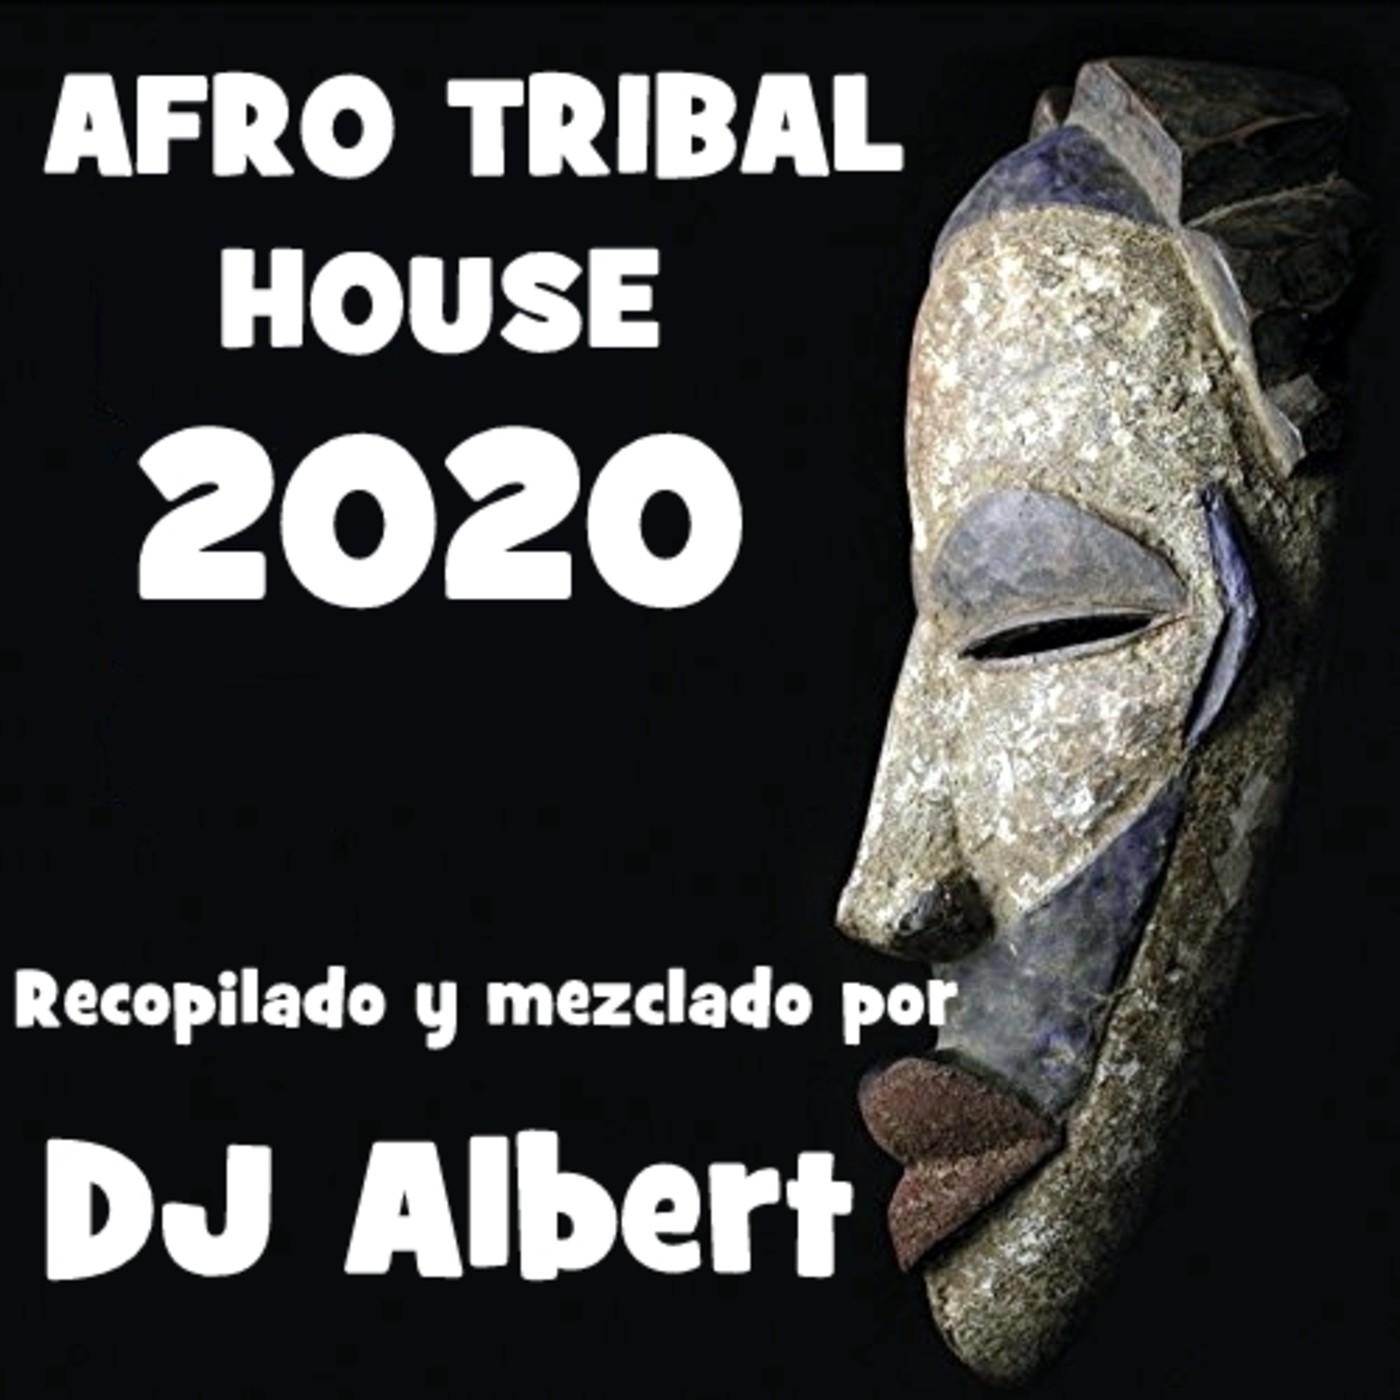 AFRO TRIBAL HOUSE 2020 Recopilado y mezclado por DJ Albert